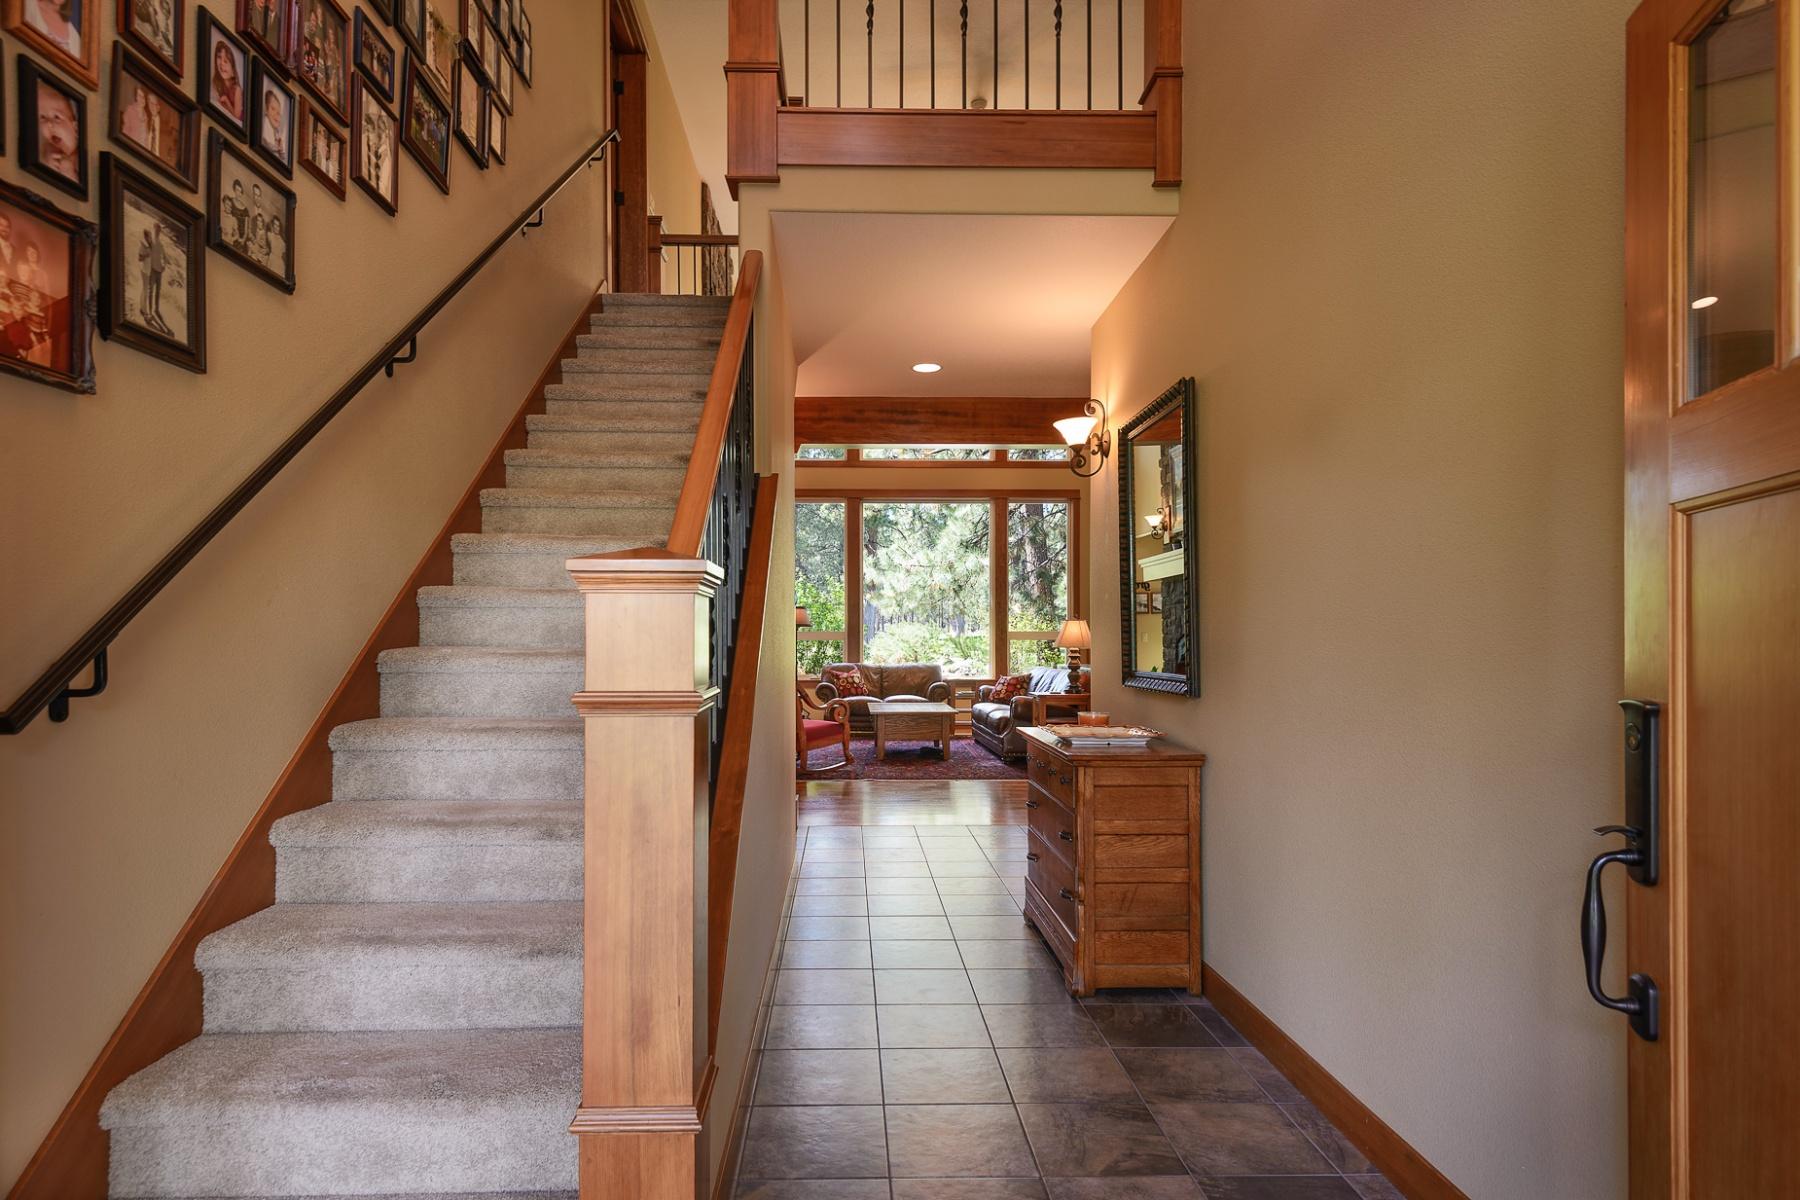 独户住宅 为 销售 在 60819 Currant Way, BEND 本德, 俄勒冈州, 97702 美国